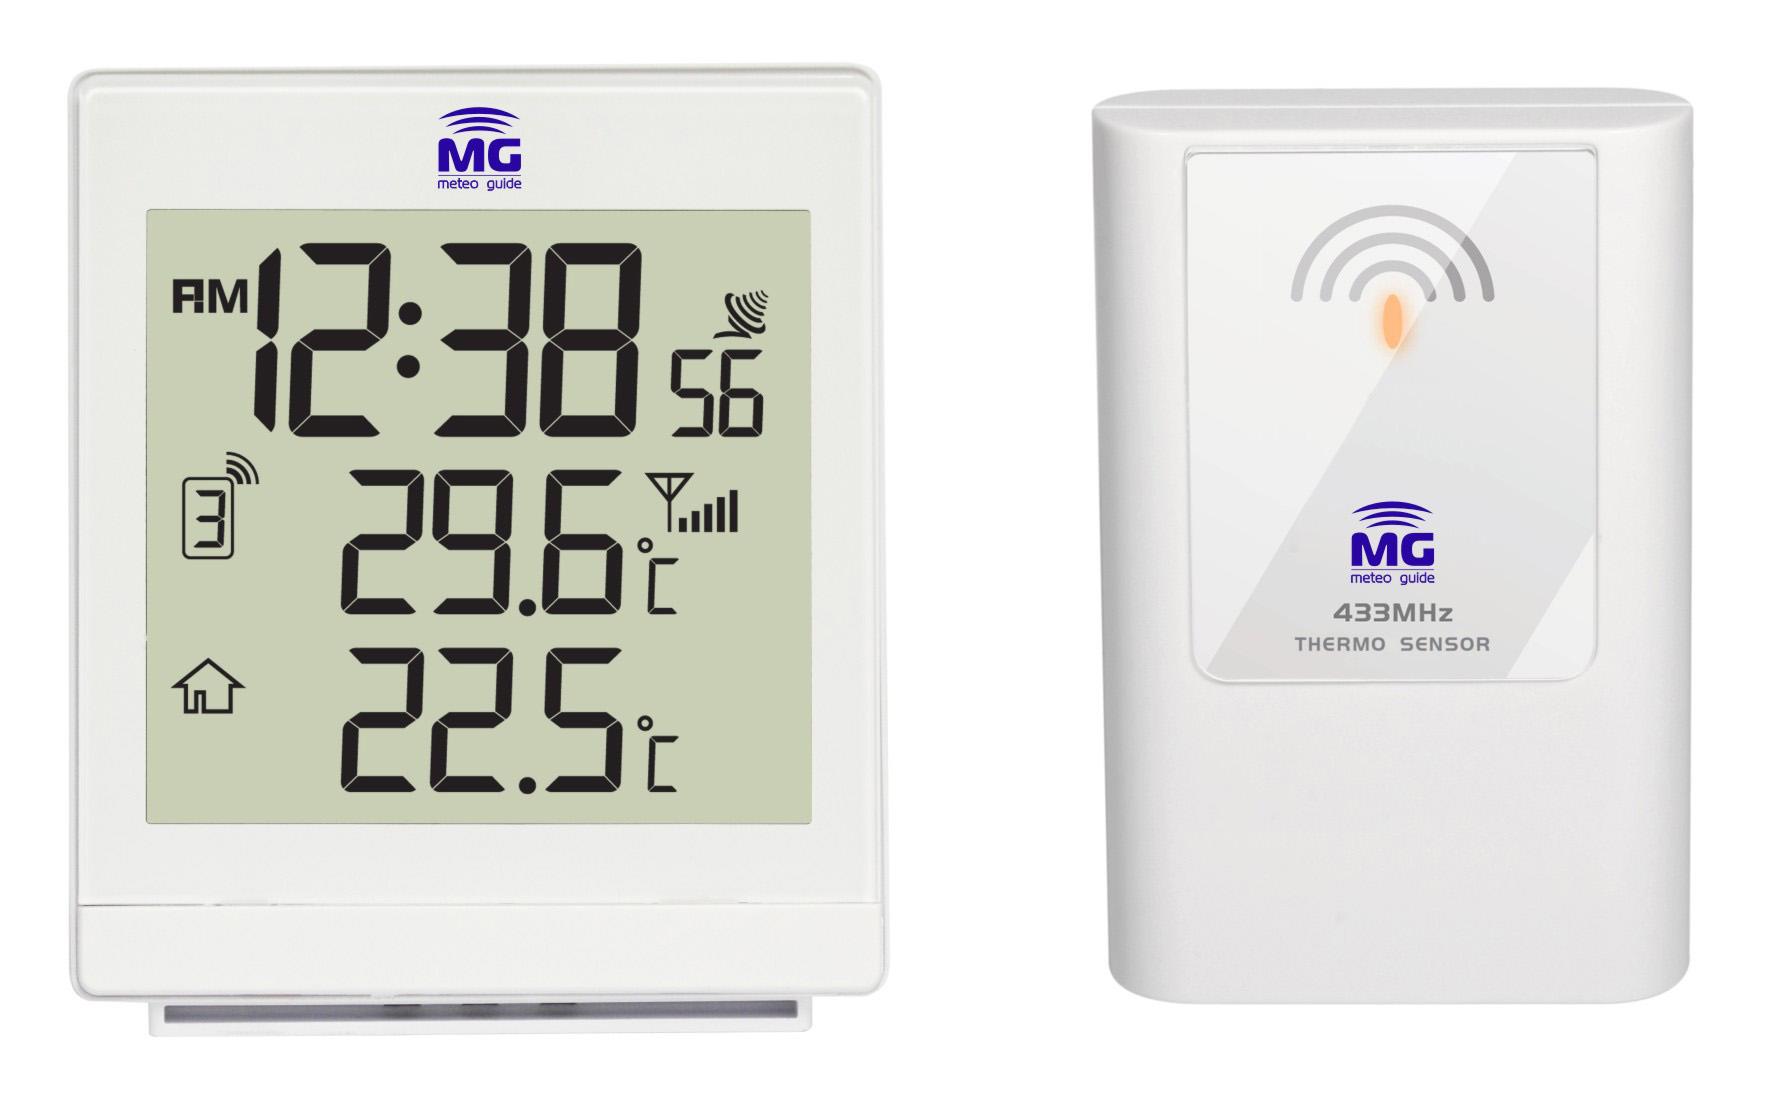 MG 01203, Whate настольная погодная станция с радиодатчиком01203Настольная метеостанция MG 01203 представляет собой универсальное устройство, позволяющее определять не только температурные показатели воздуха до -50 С (как в помещениях, так и на улице. Миниатюрные размеры, часы с подсветкой и четкое отображение информации на крупном дисплее, снабженном подсветкой - дополнительные плюсы, которые по достоинству оценены нашими клиентами. Плюсом данной модели выступает и наличие радиодатчика, который можно разместить в пределах 50 метров от расположения основного прибора. Еще одним преимуществом является красивый дизайн, доставляющий эстетическое удовольствие при безупречной функциональности. Модель снабжена следующими компонентами: ? Температура внутри и вне помещения ? Часы ? Будильник ? Система ICE-ALERT - предупреждение об обледенении ? Подсветка дисплея.